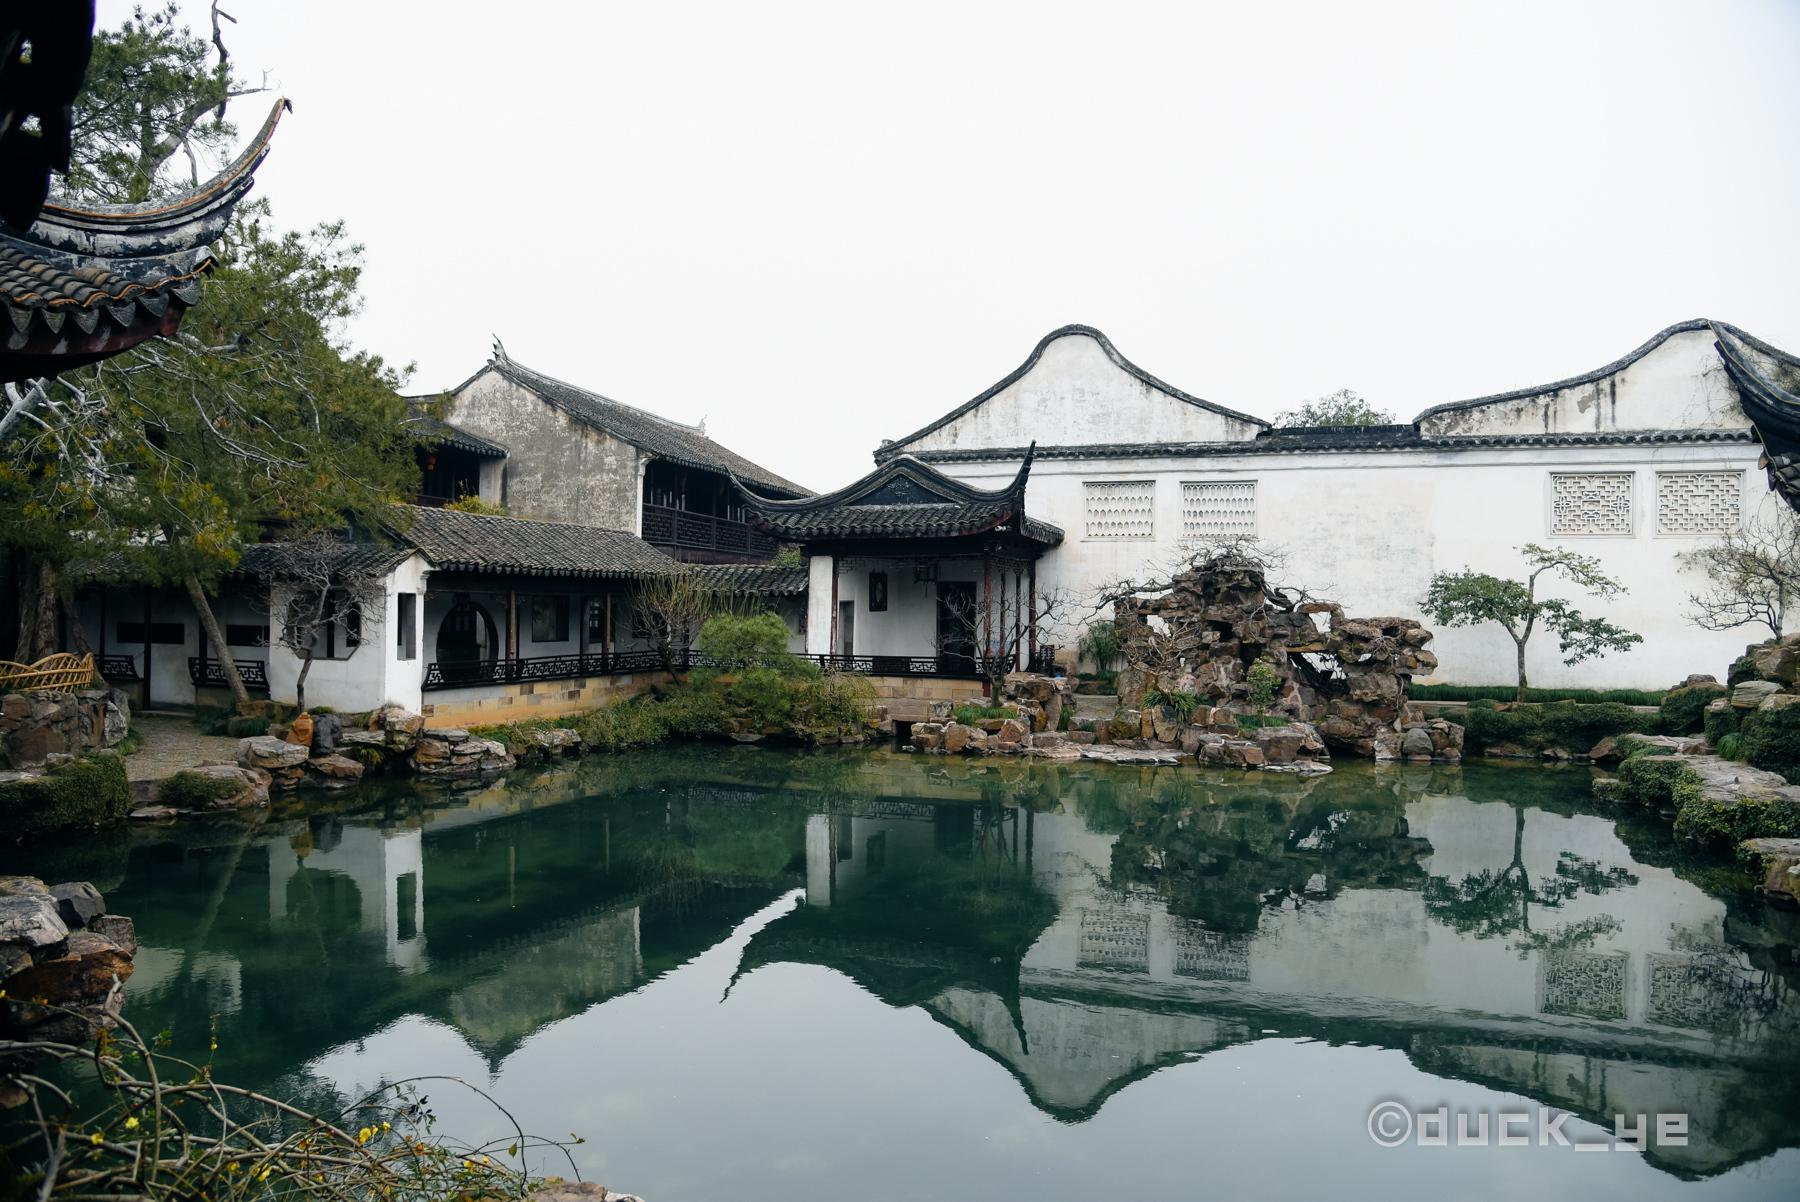 苏州网师园,藏在巷子里,连国外艺术馆都竞相模仿